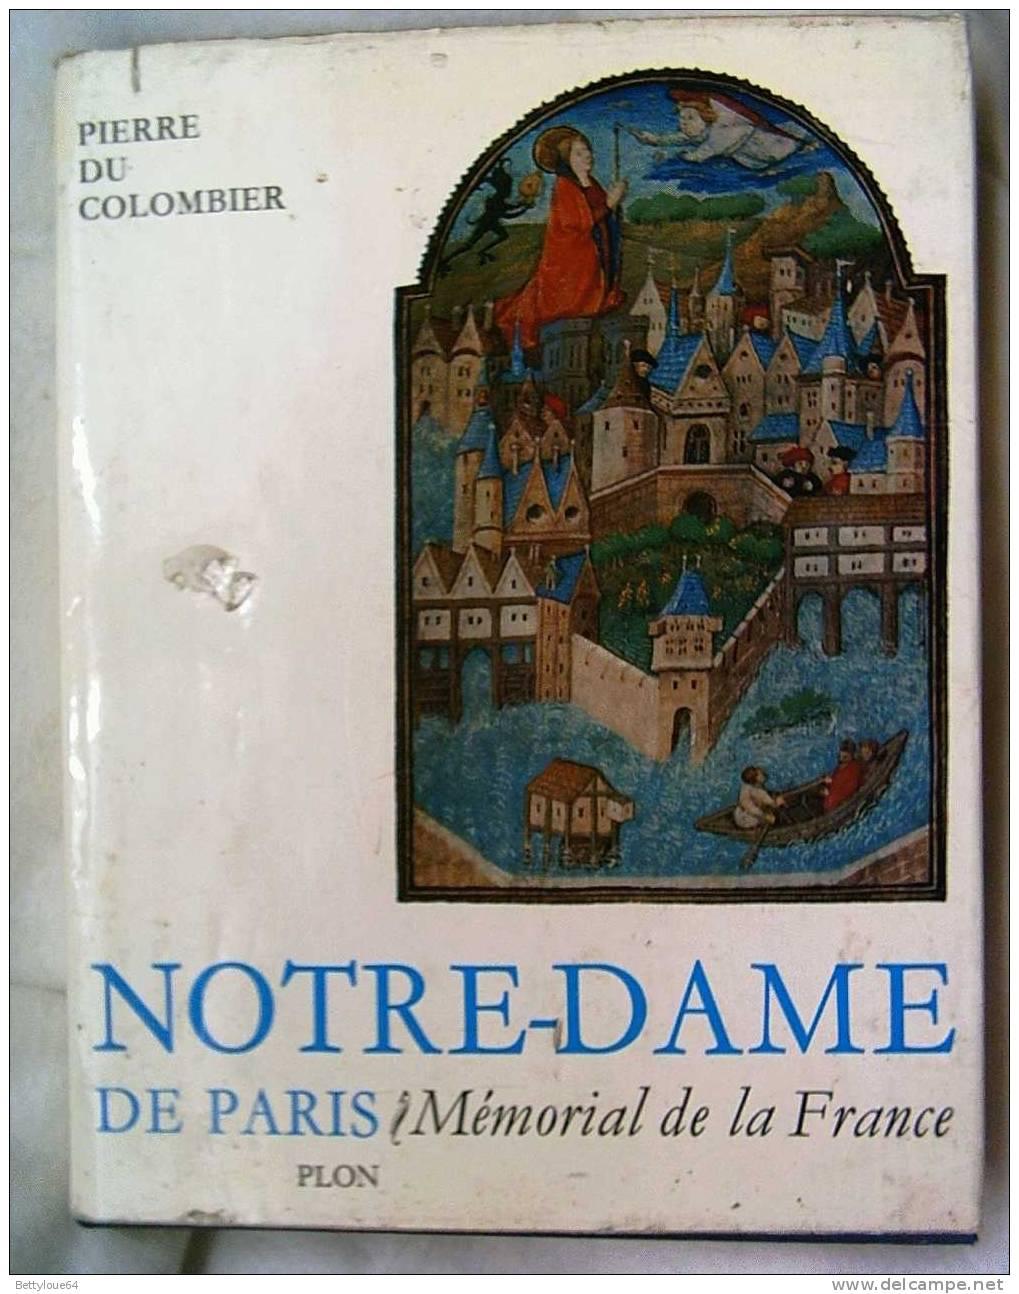 NOTRE-DAME MEMORIAL DE LA FRANCE   P. Du COLOMBIER PLON - Art